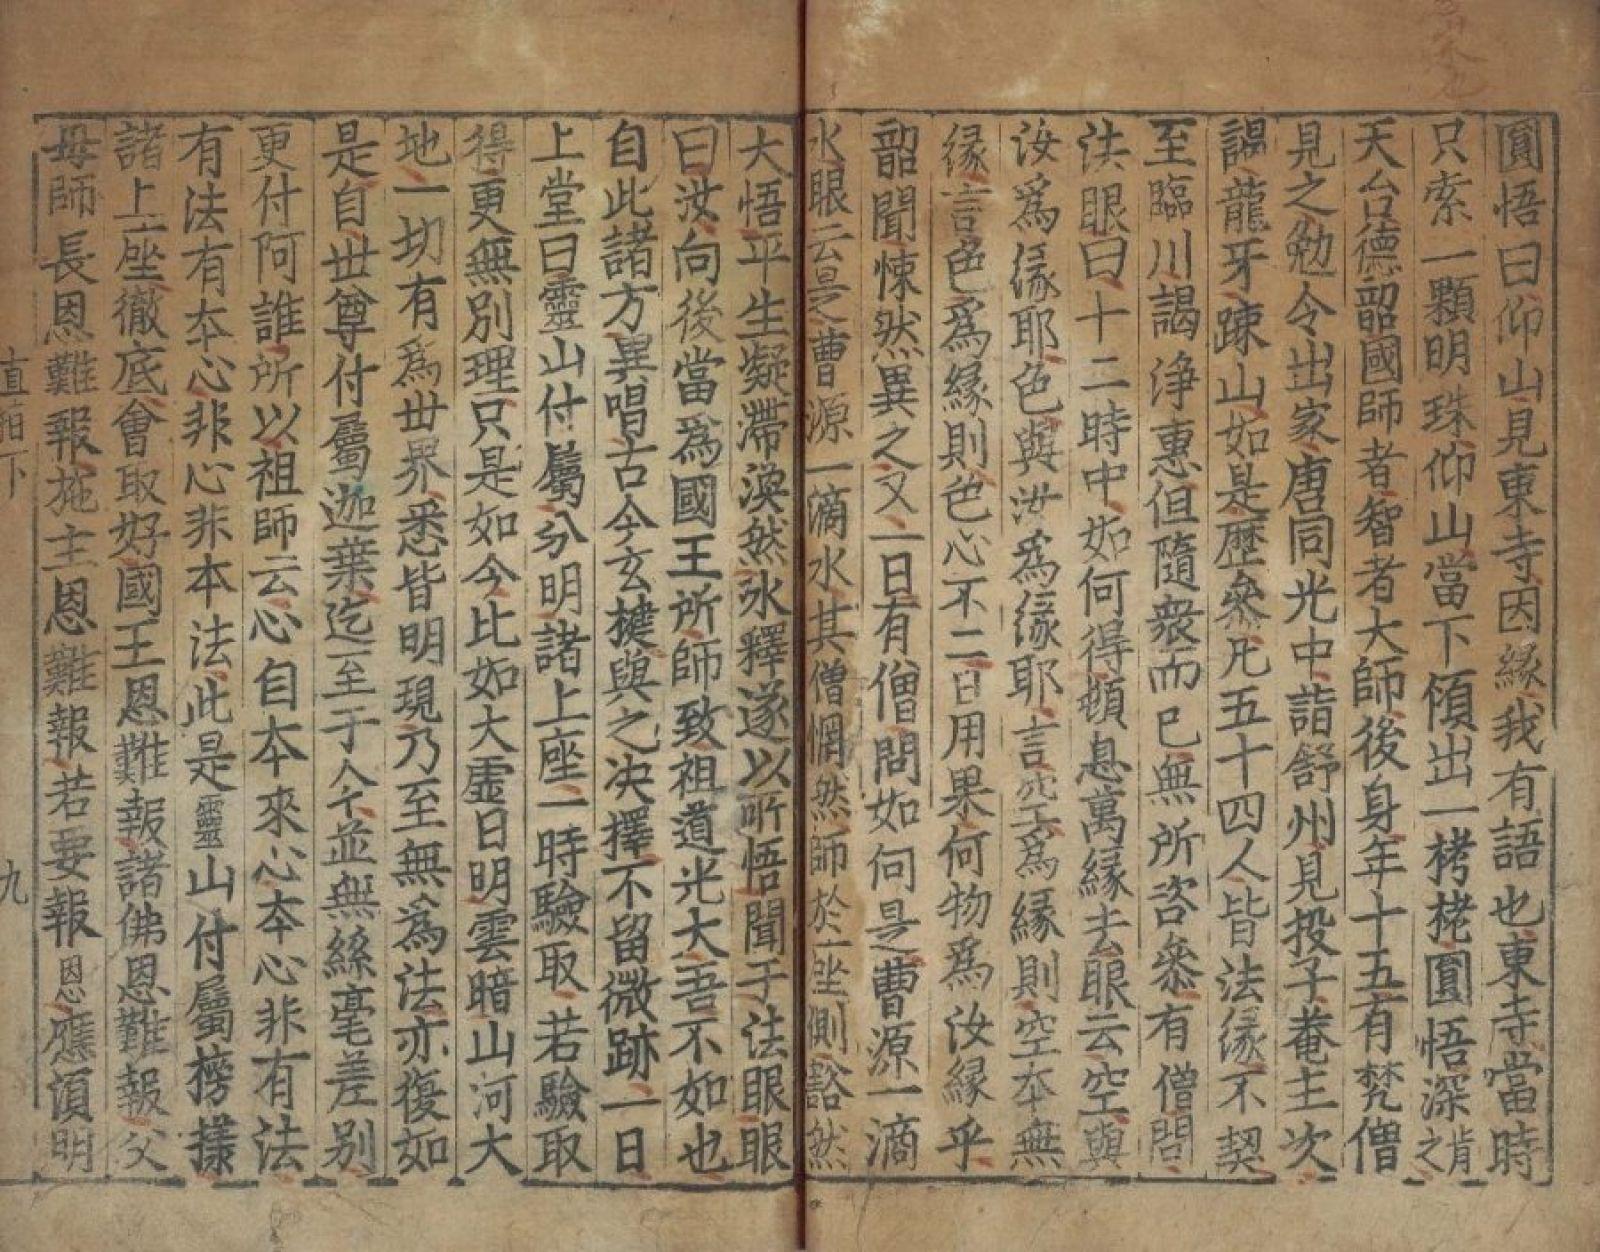 jikji-scan-littérature-culture-insolite